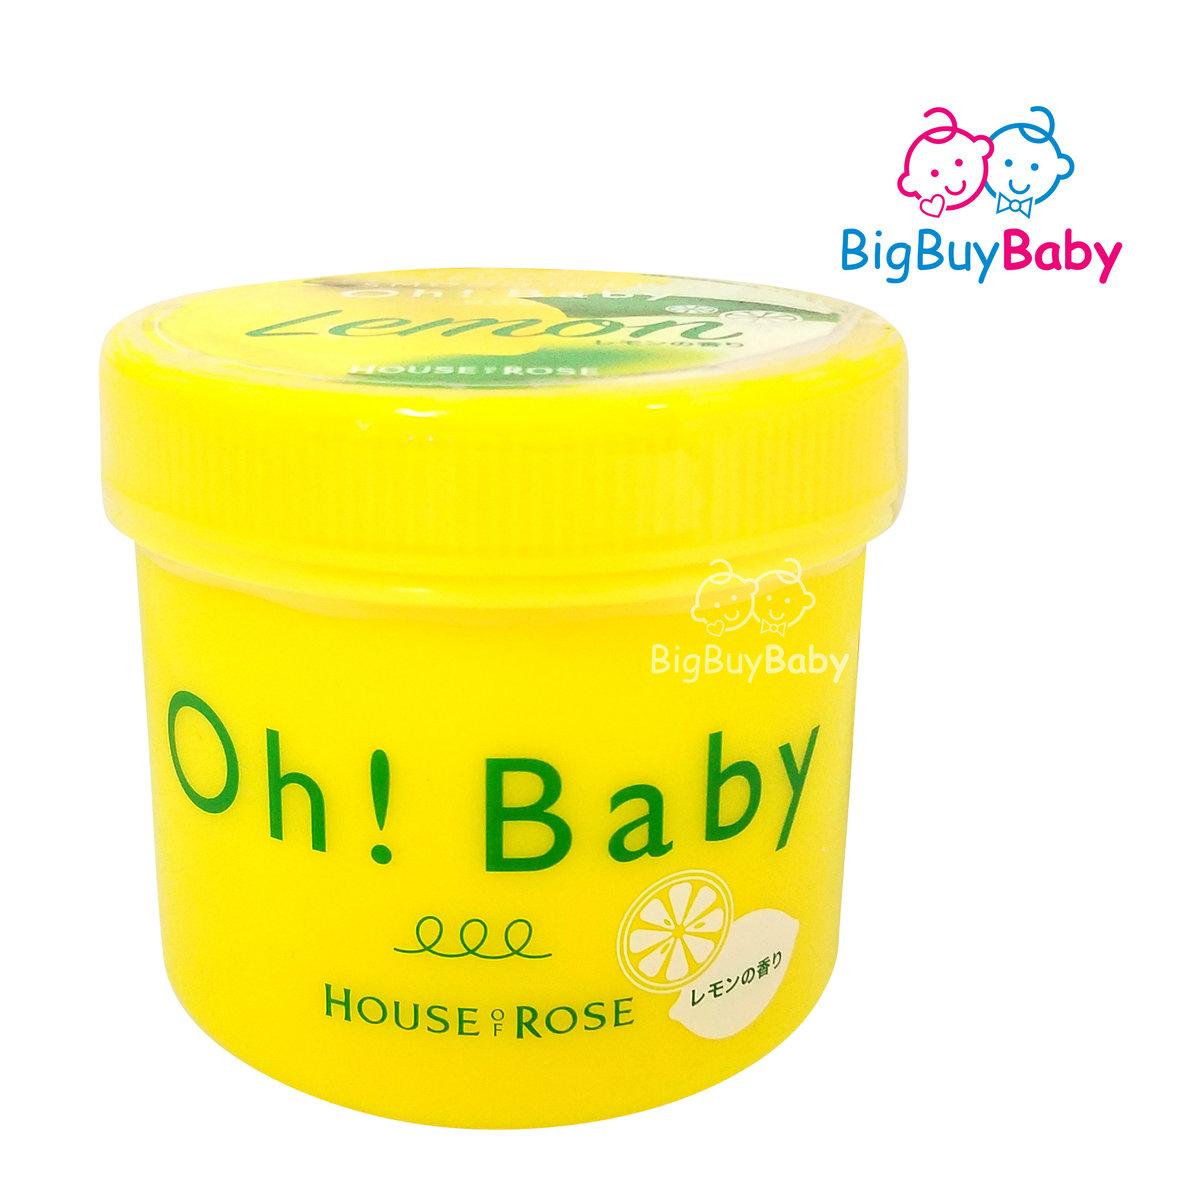 Oh! Baby 身體去角質磨砂膏 (檸檬味) 350g (#126053)